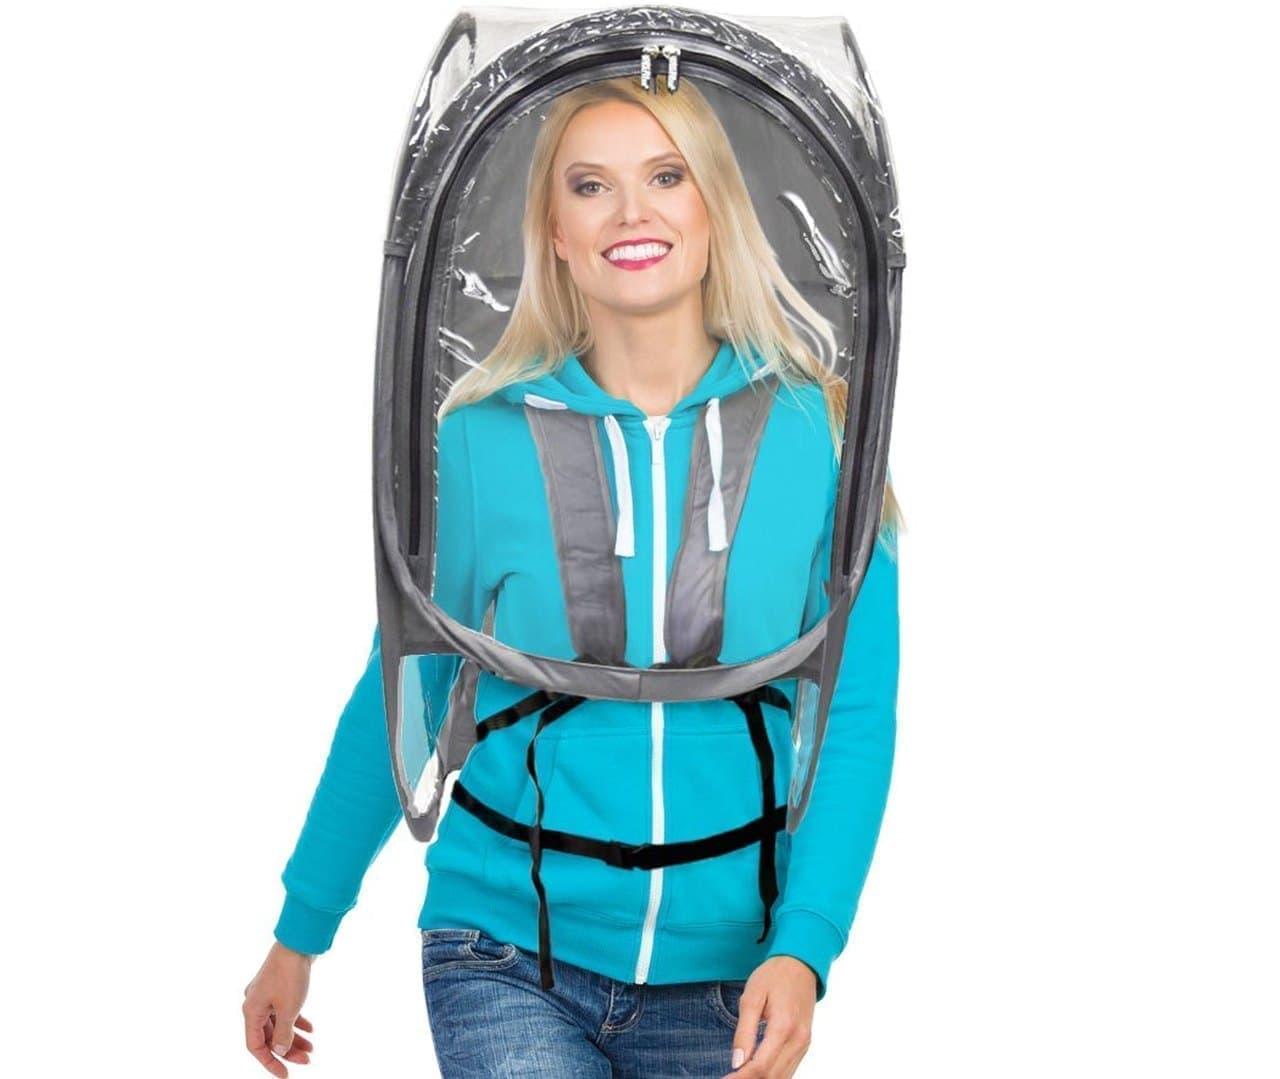 飛沫飛散を防ぐ「ShieldPod」 - 装着者と周囲の人に安心感を